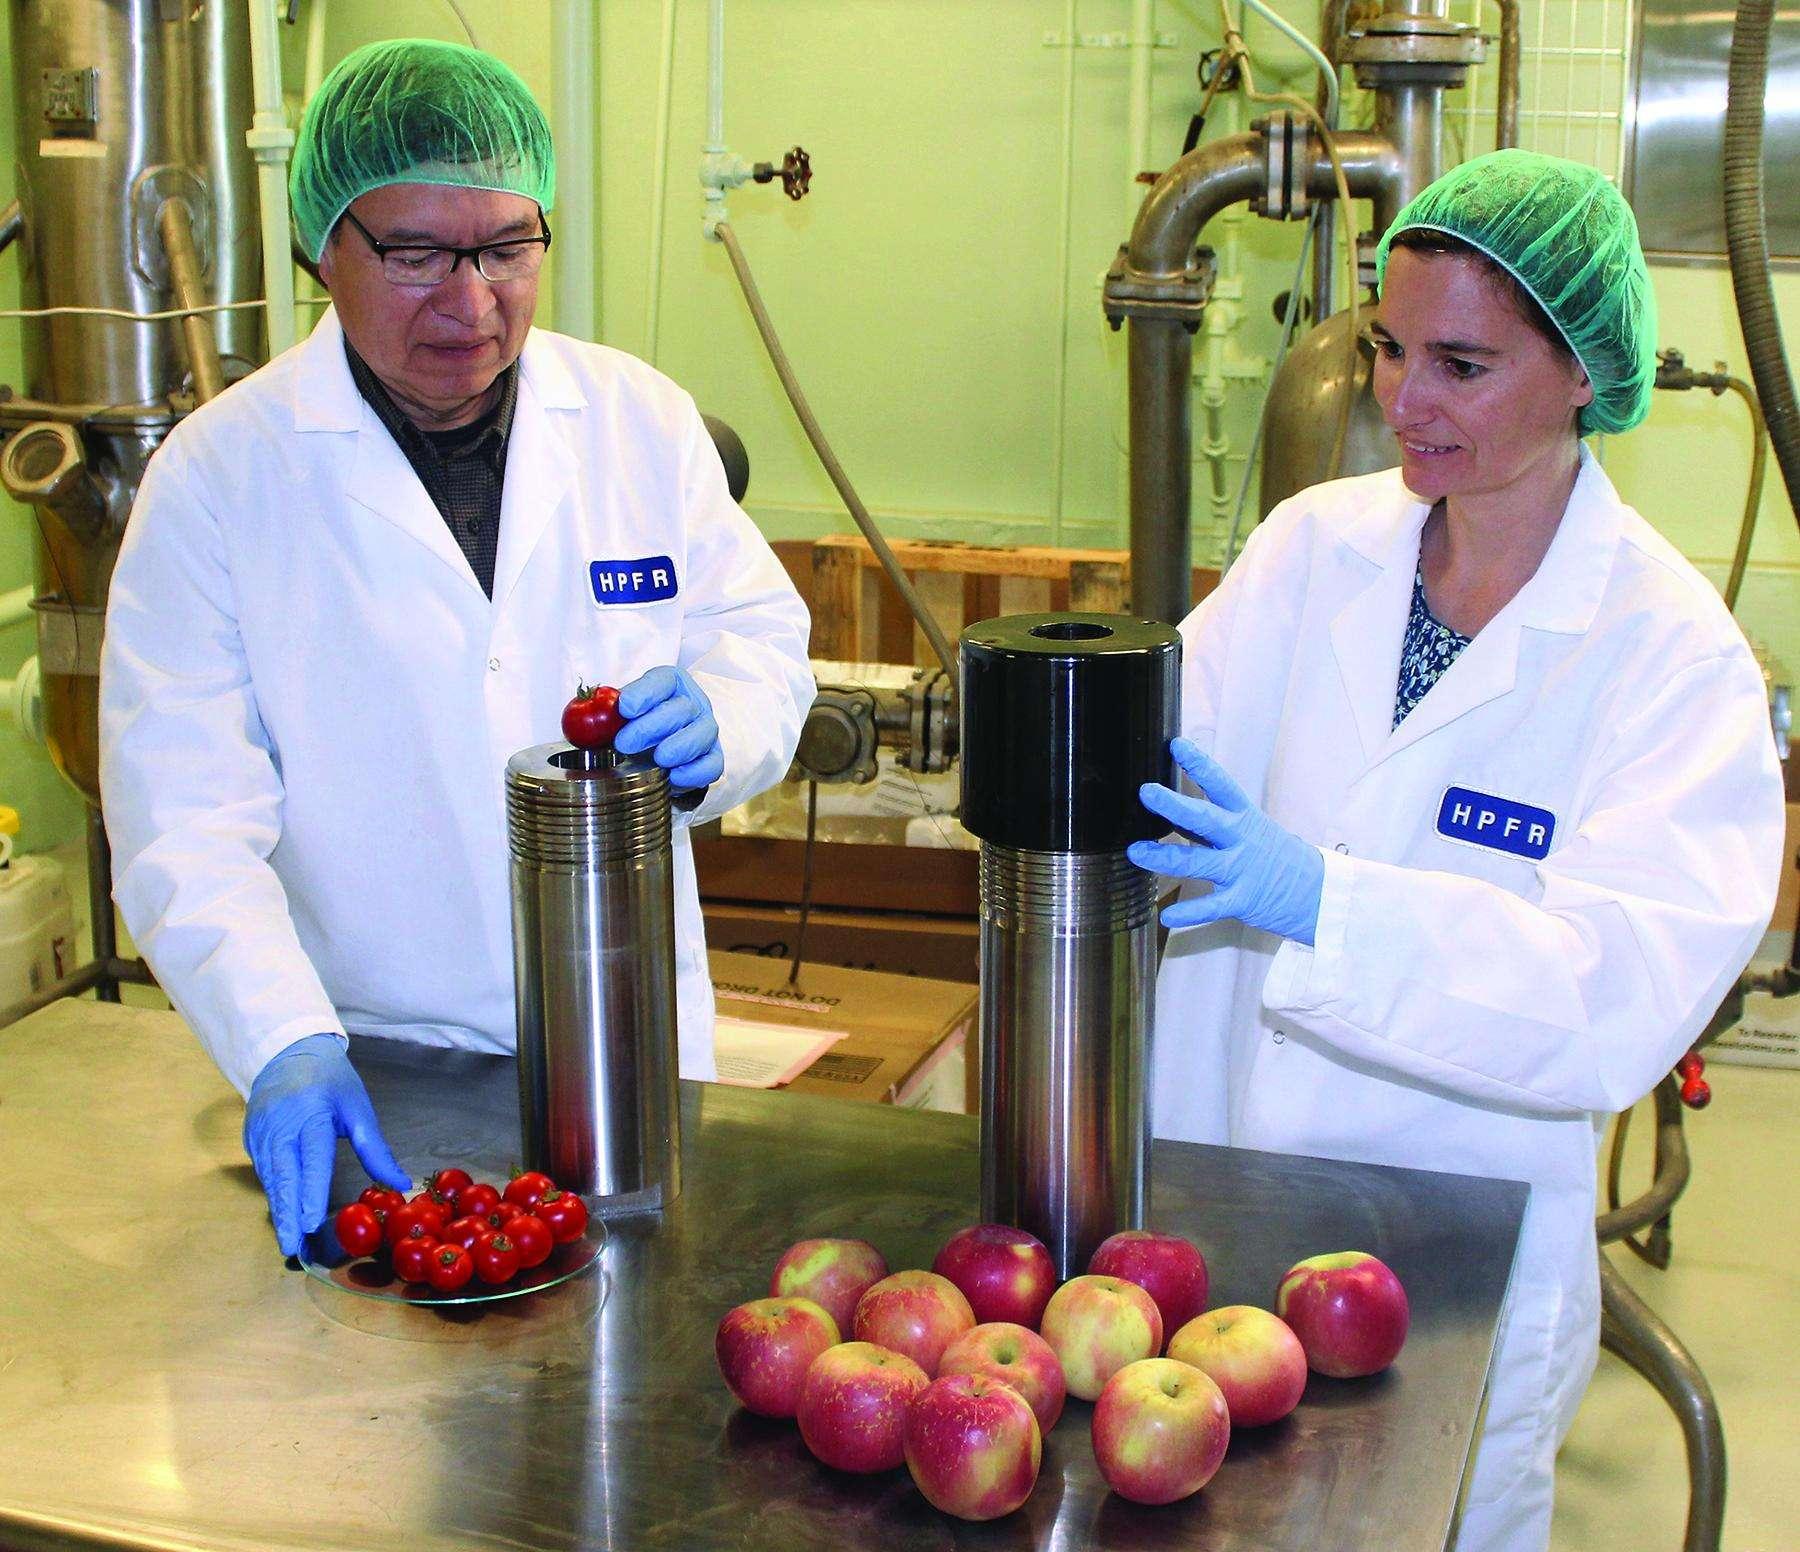 La congélation isochore permet de préserver les aliments frais tels que les pommes, les pommes de terre ou les tomates. © Département américain de l'Agriculture